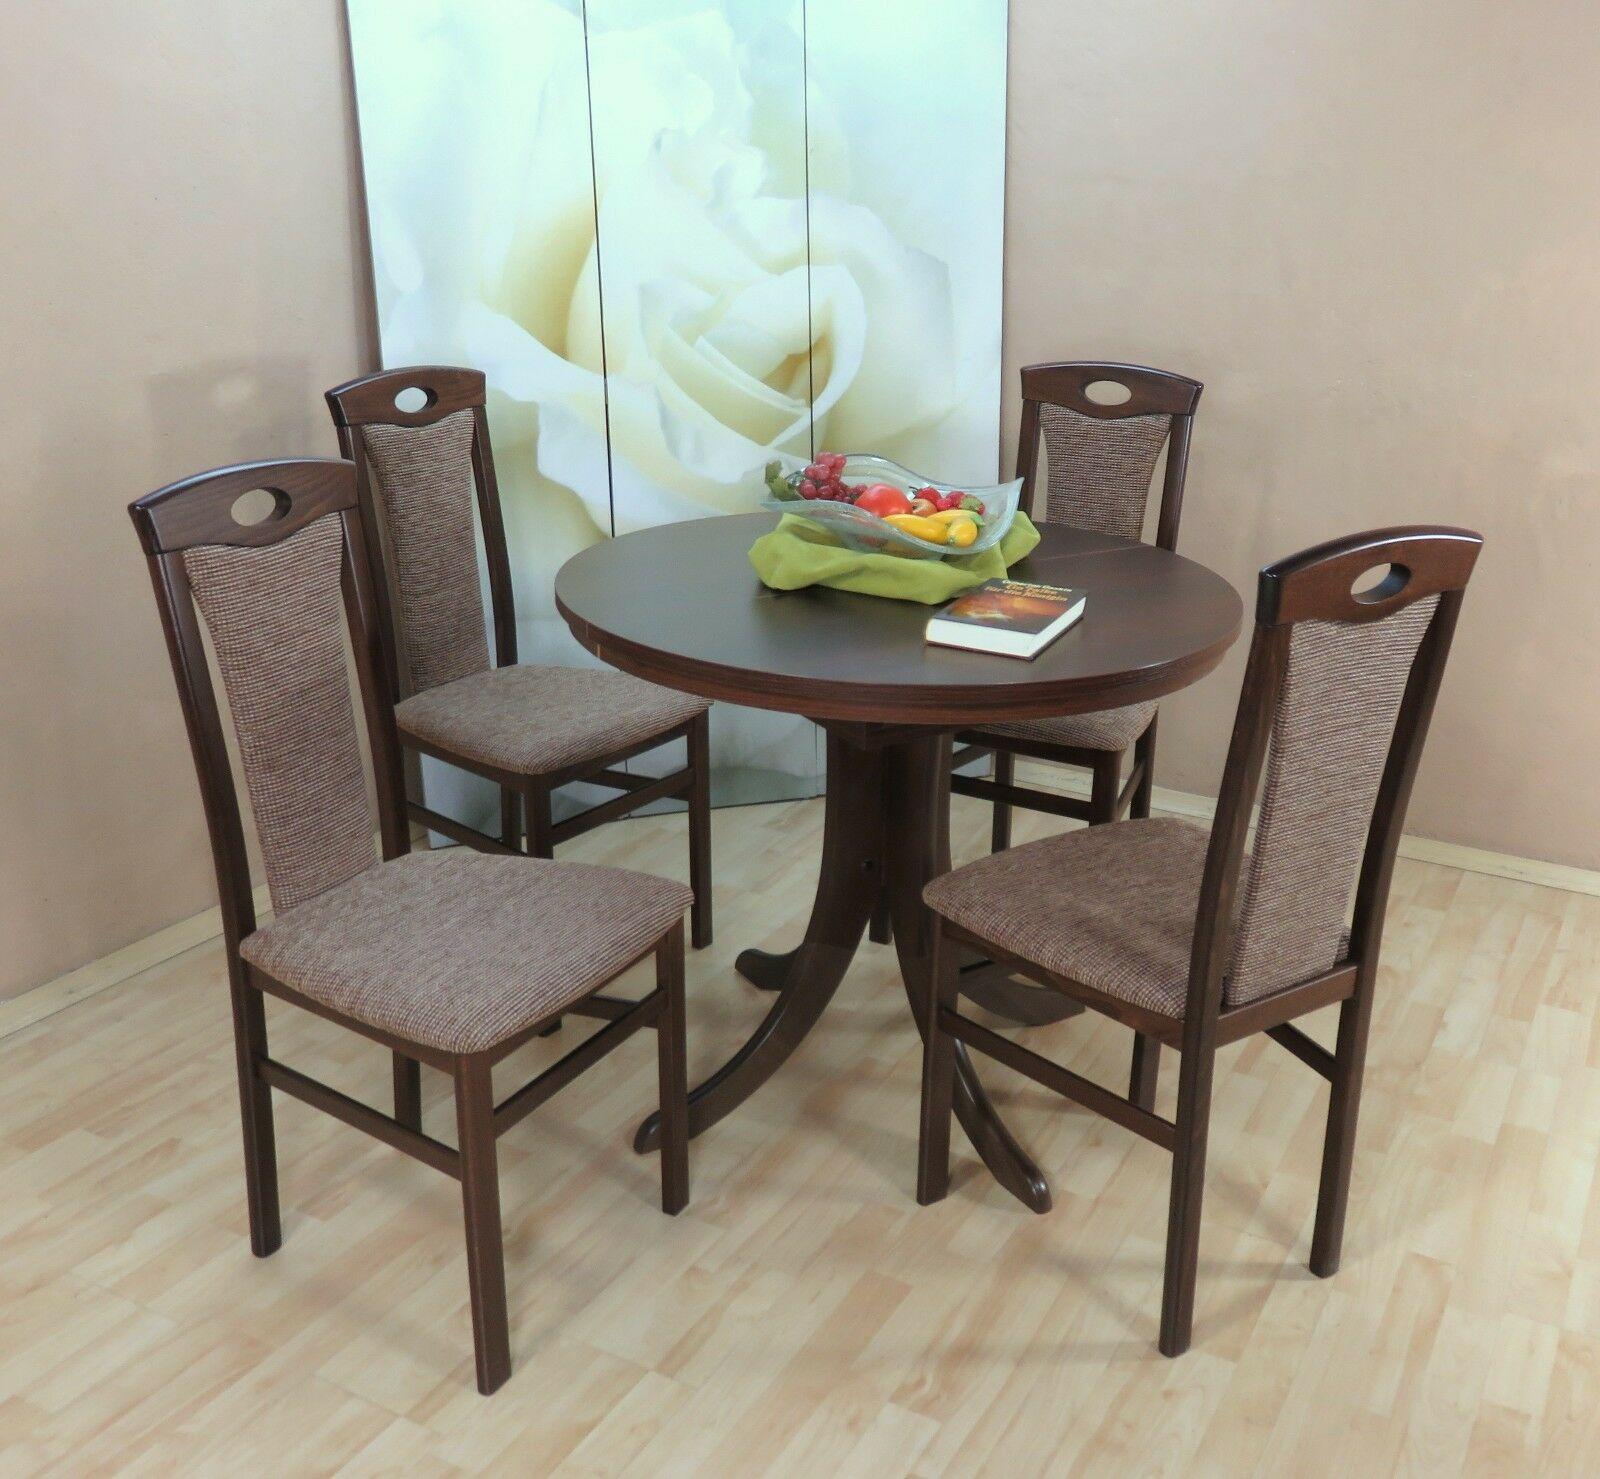 Tischgruppe 5 Teilig Buche Massiv Nussbaum Cappuccino Essgruppe